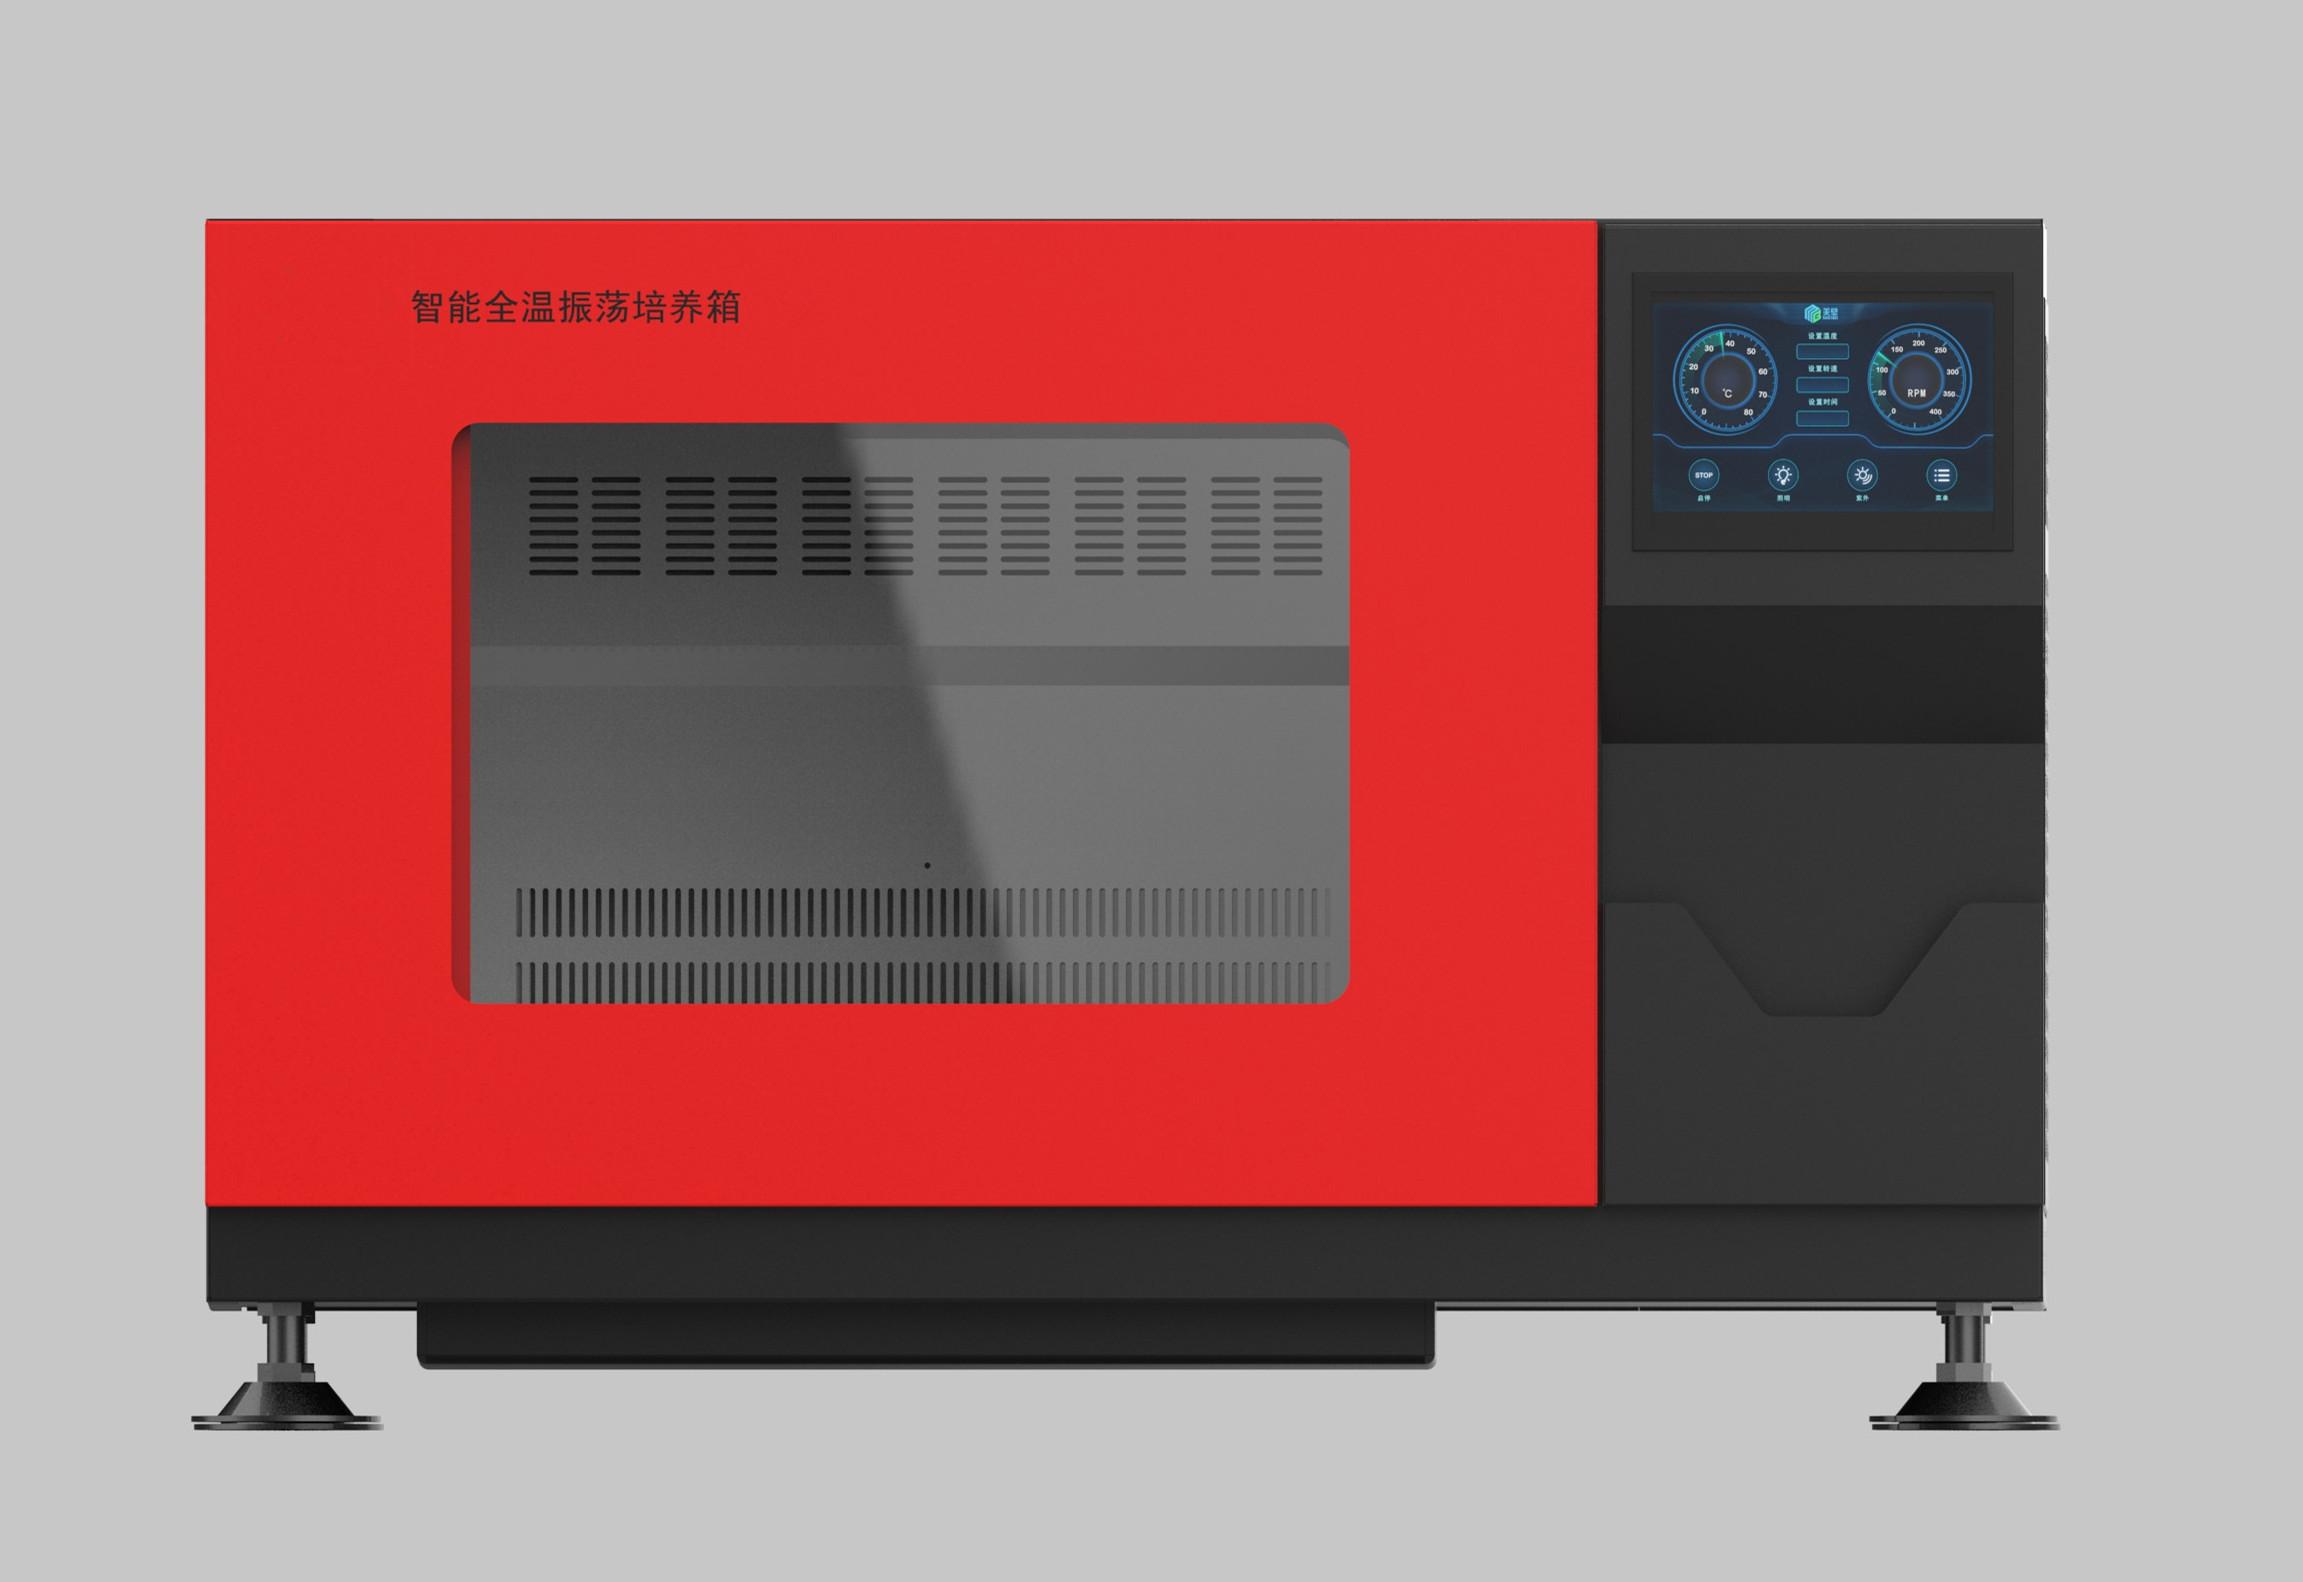 Bionoon-7101(1層)組合式振蕩培養箱